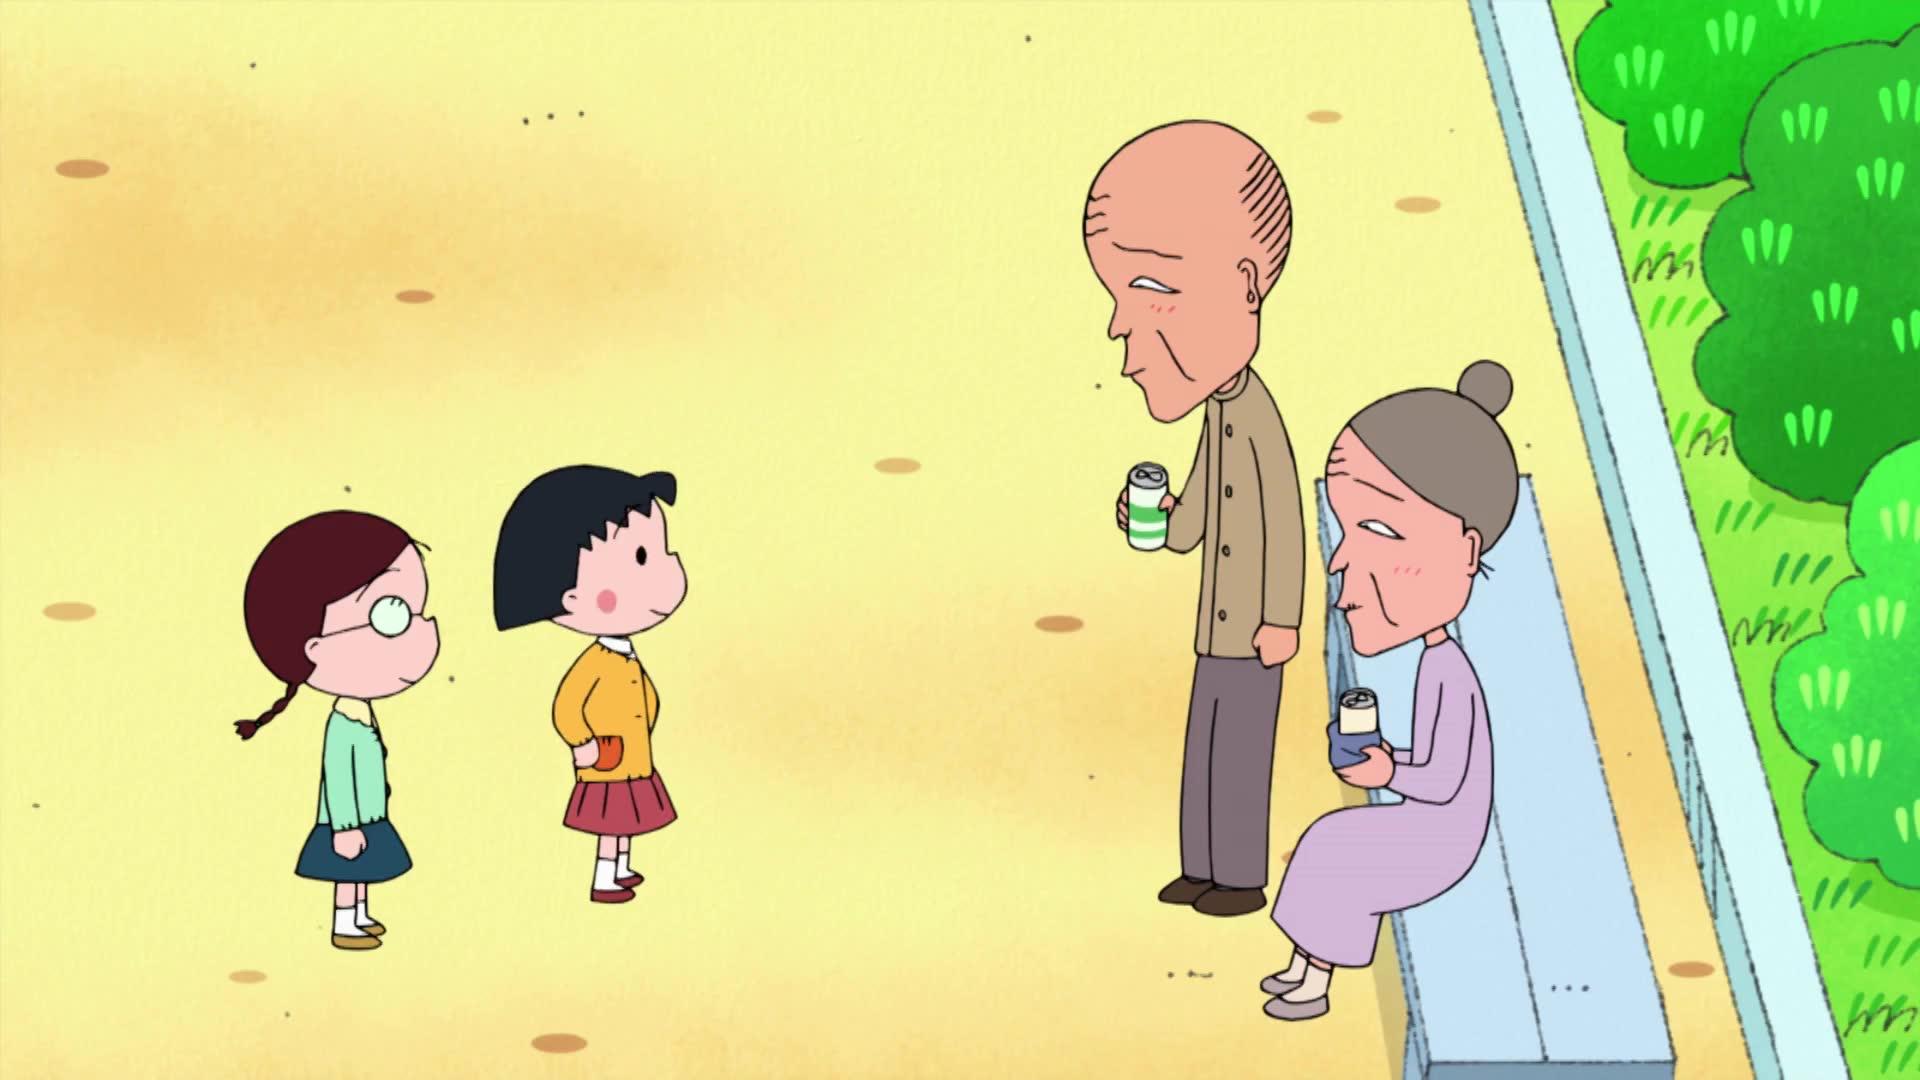 8화 아빠의 레이디 퍼스트